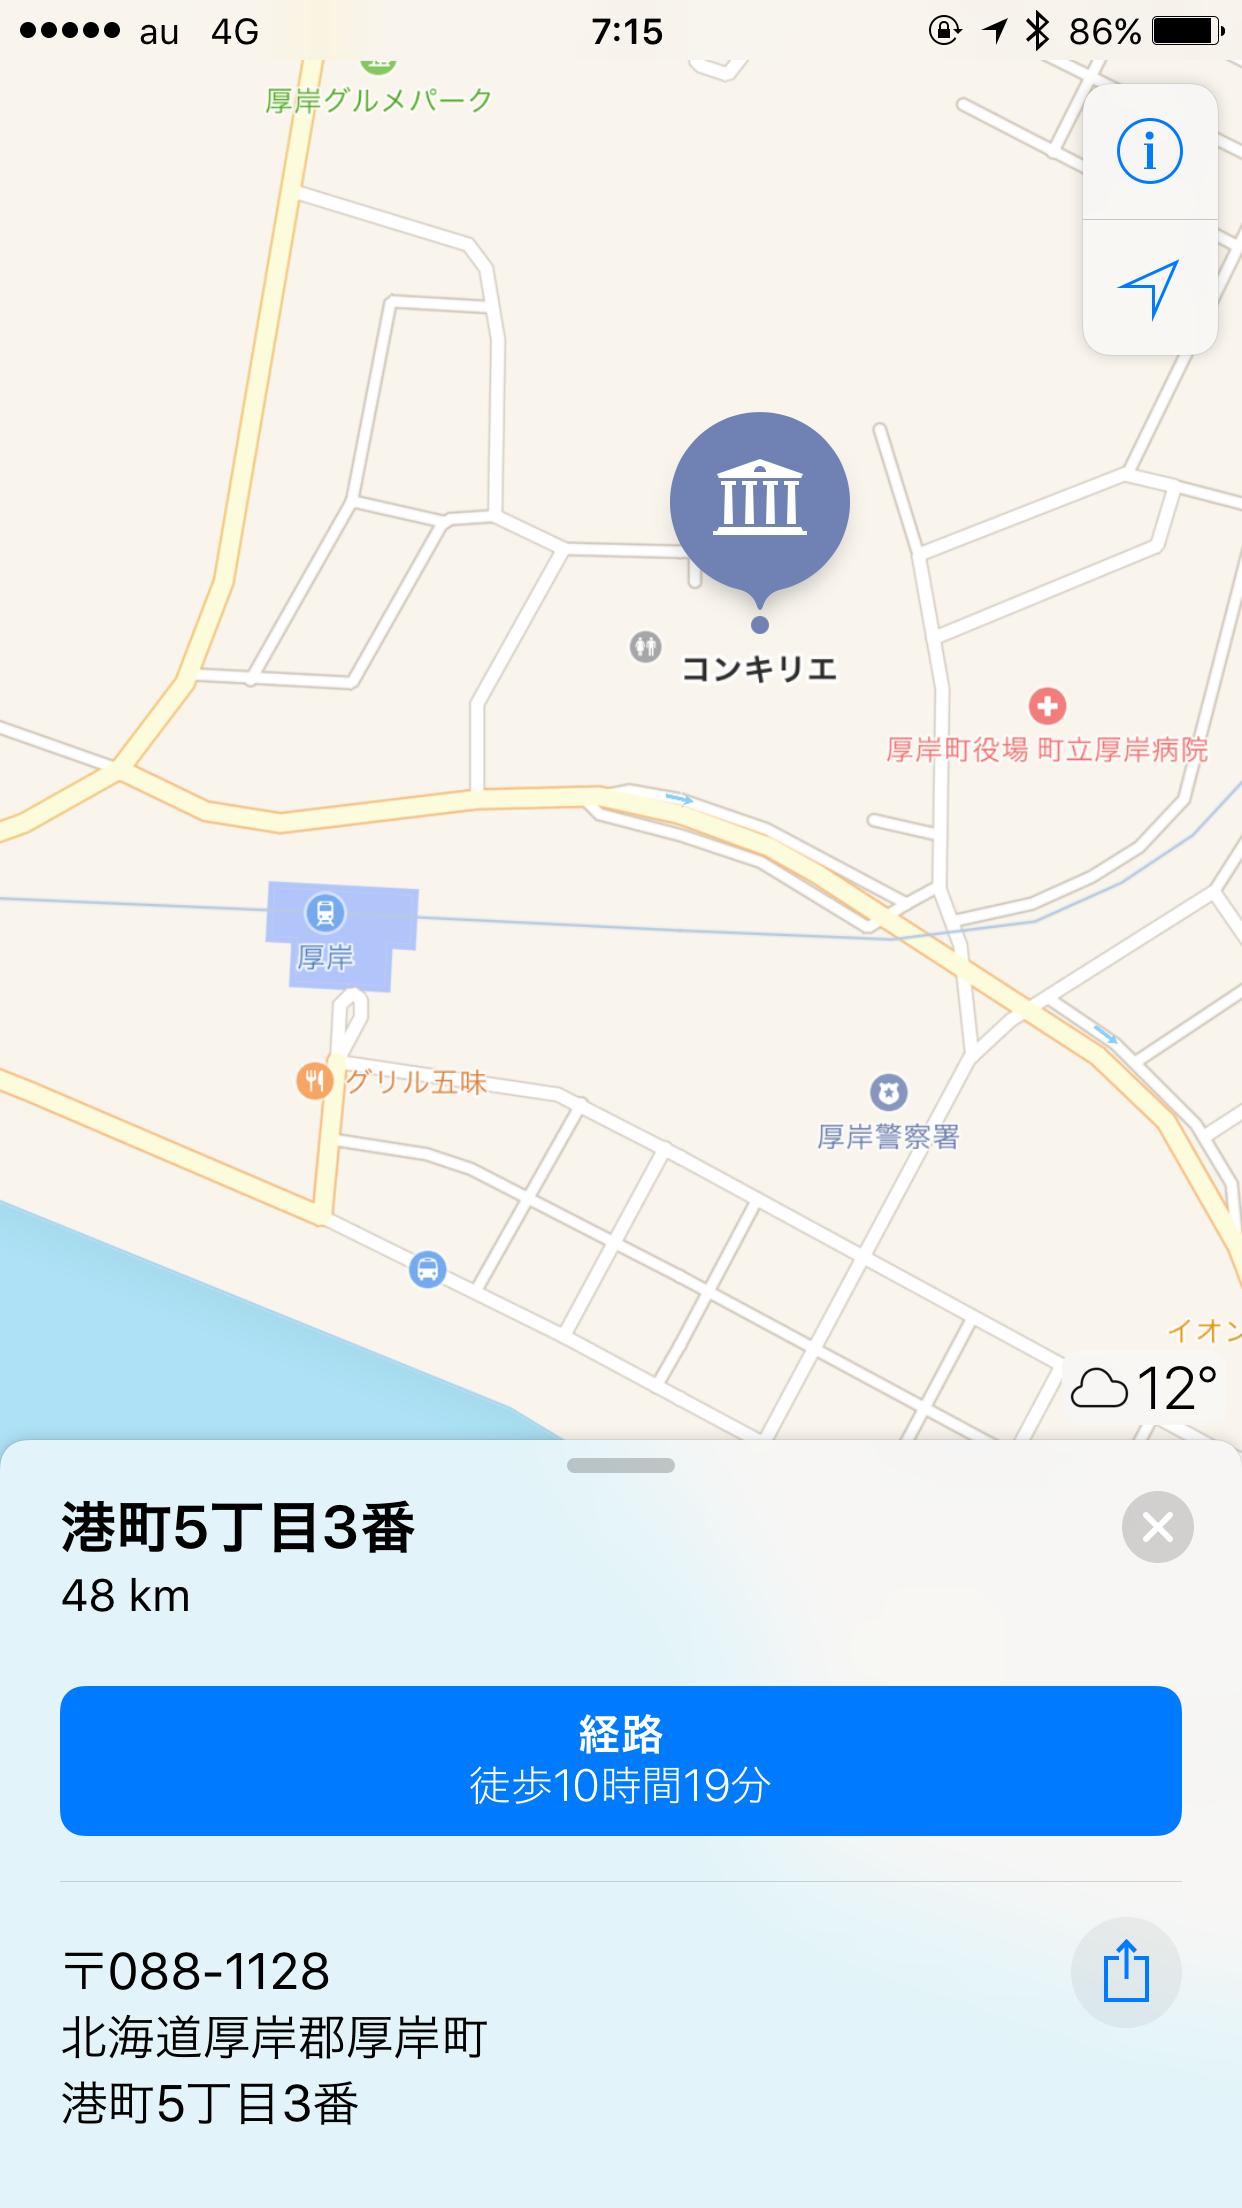 厚岸_コンキリエ_かき_カキ_地図